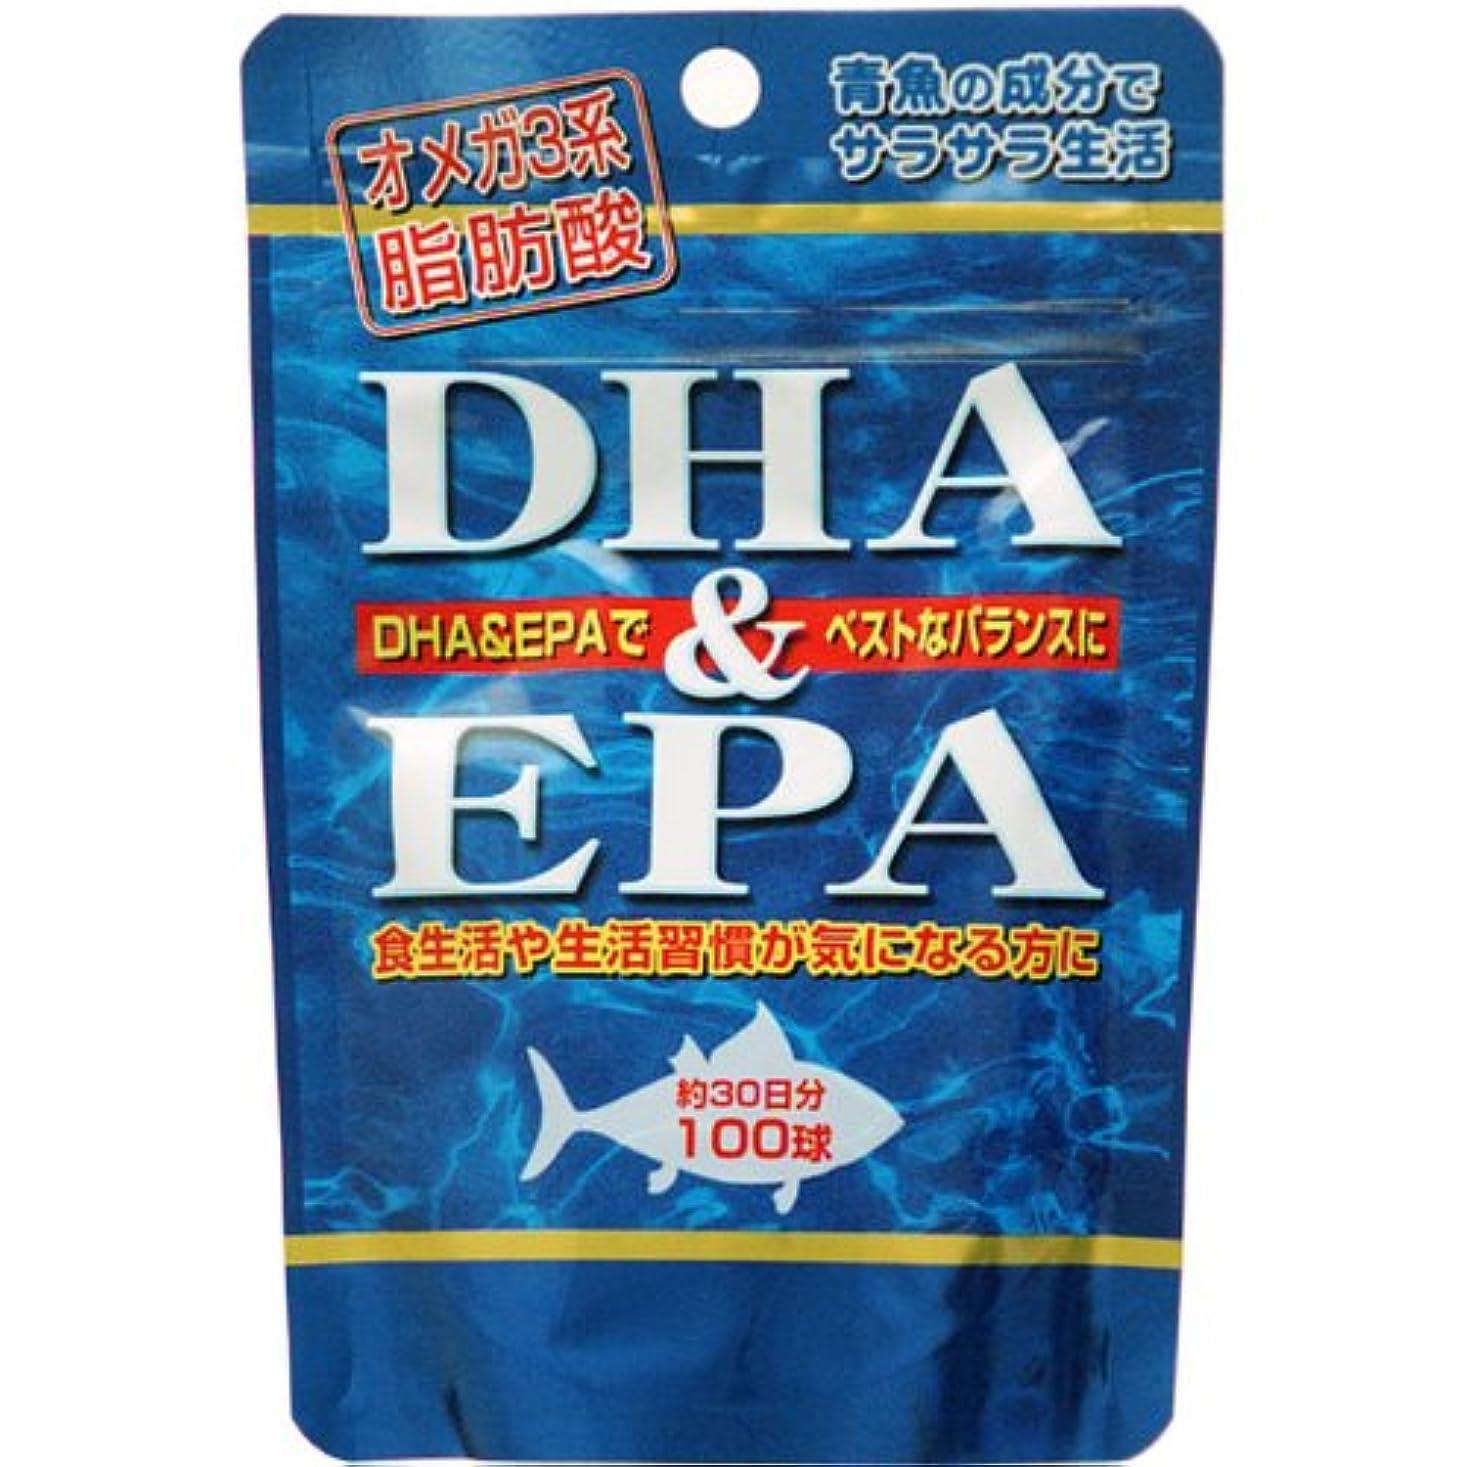 植物のユーモラス側溝DHA(ドコサヘキサエン酸)&EPA(エイコサペンタエン酸)×4